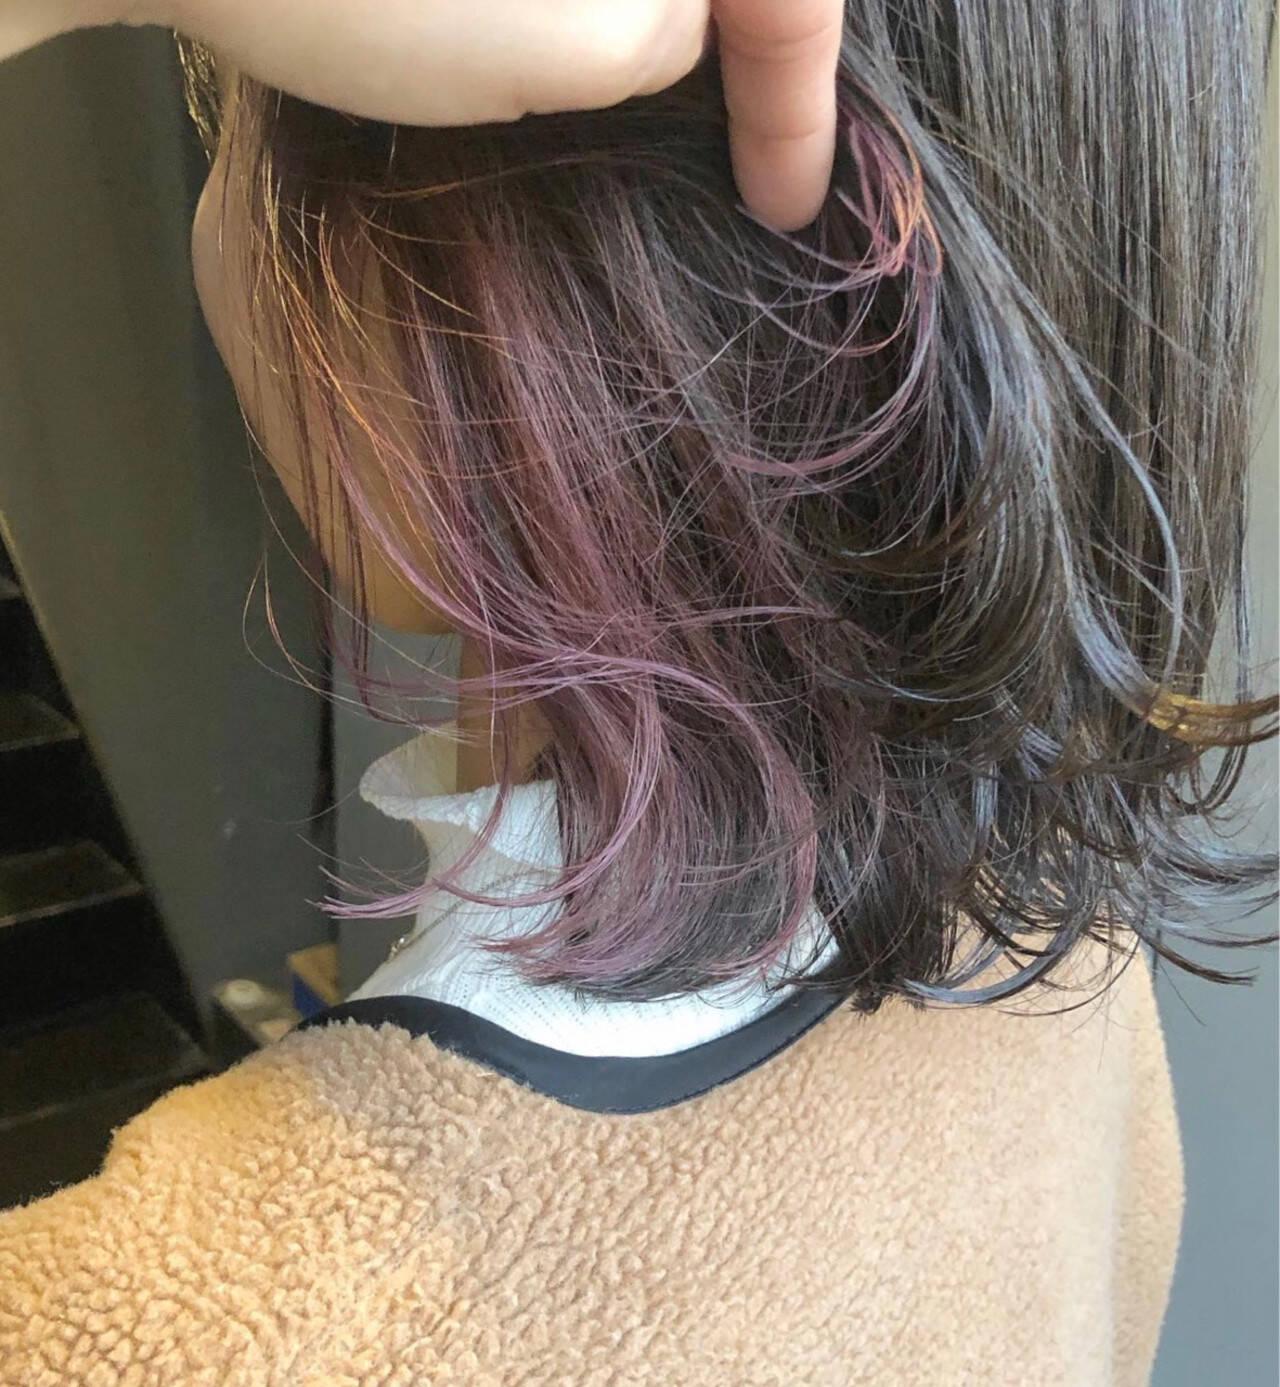 ミディアム ピンクバイオレット インナーピンク インナーカラーヘアスタイルや髪型の写真・画像